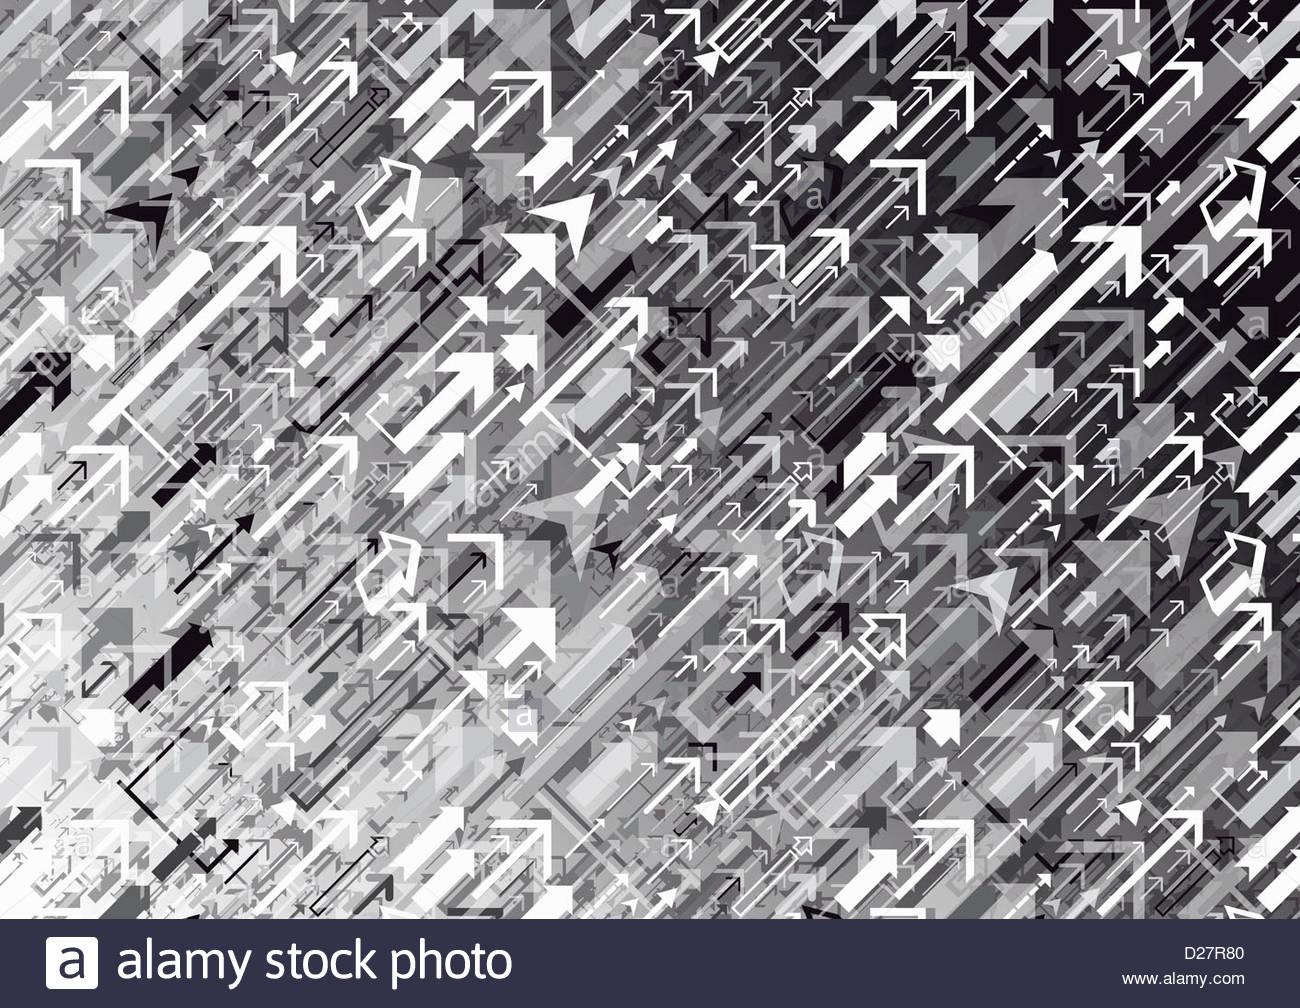 Bianco e nero riassunto delle frecce Immagini Stock